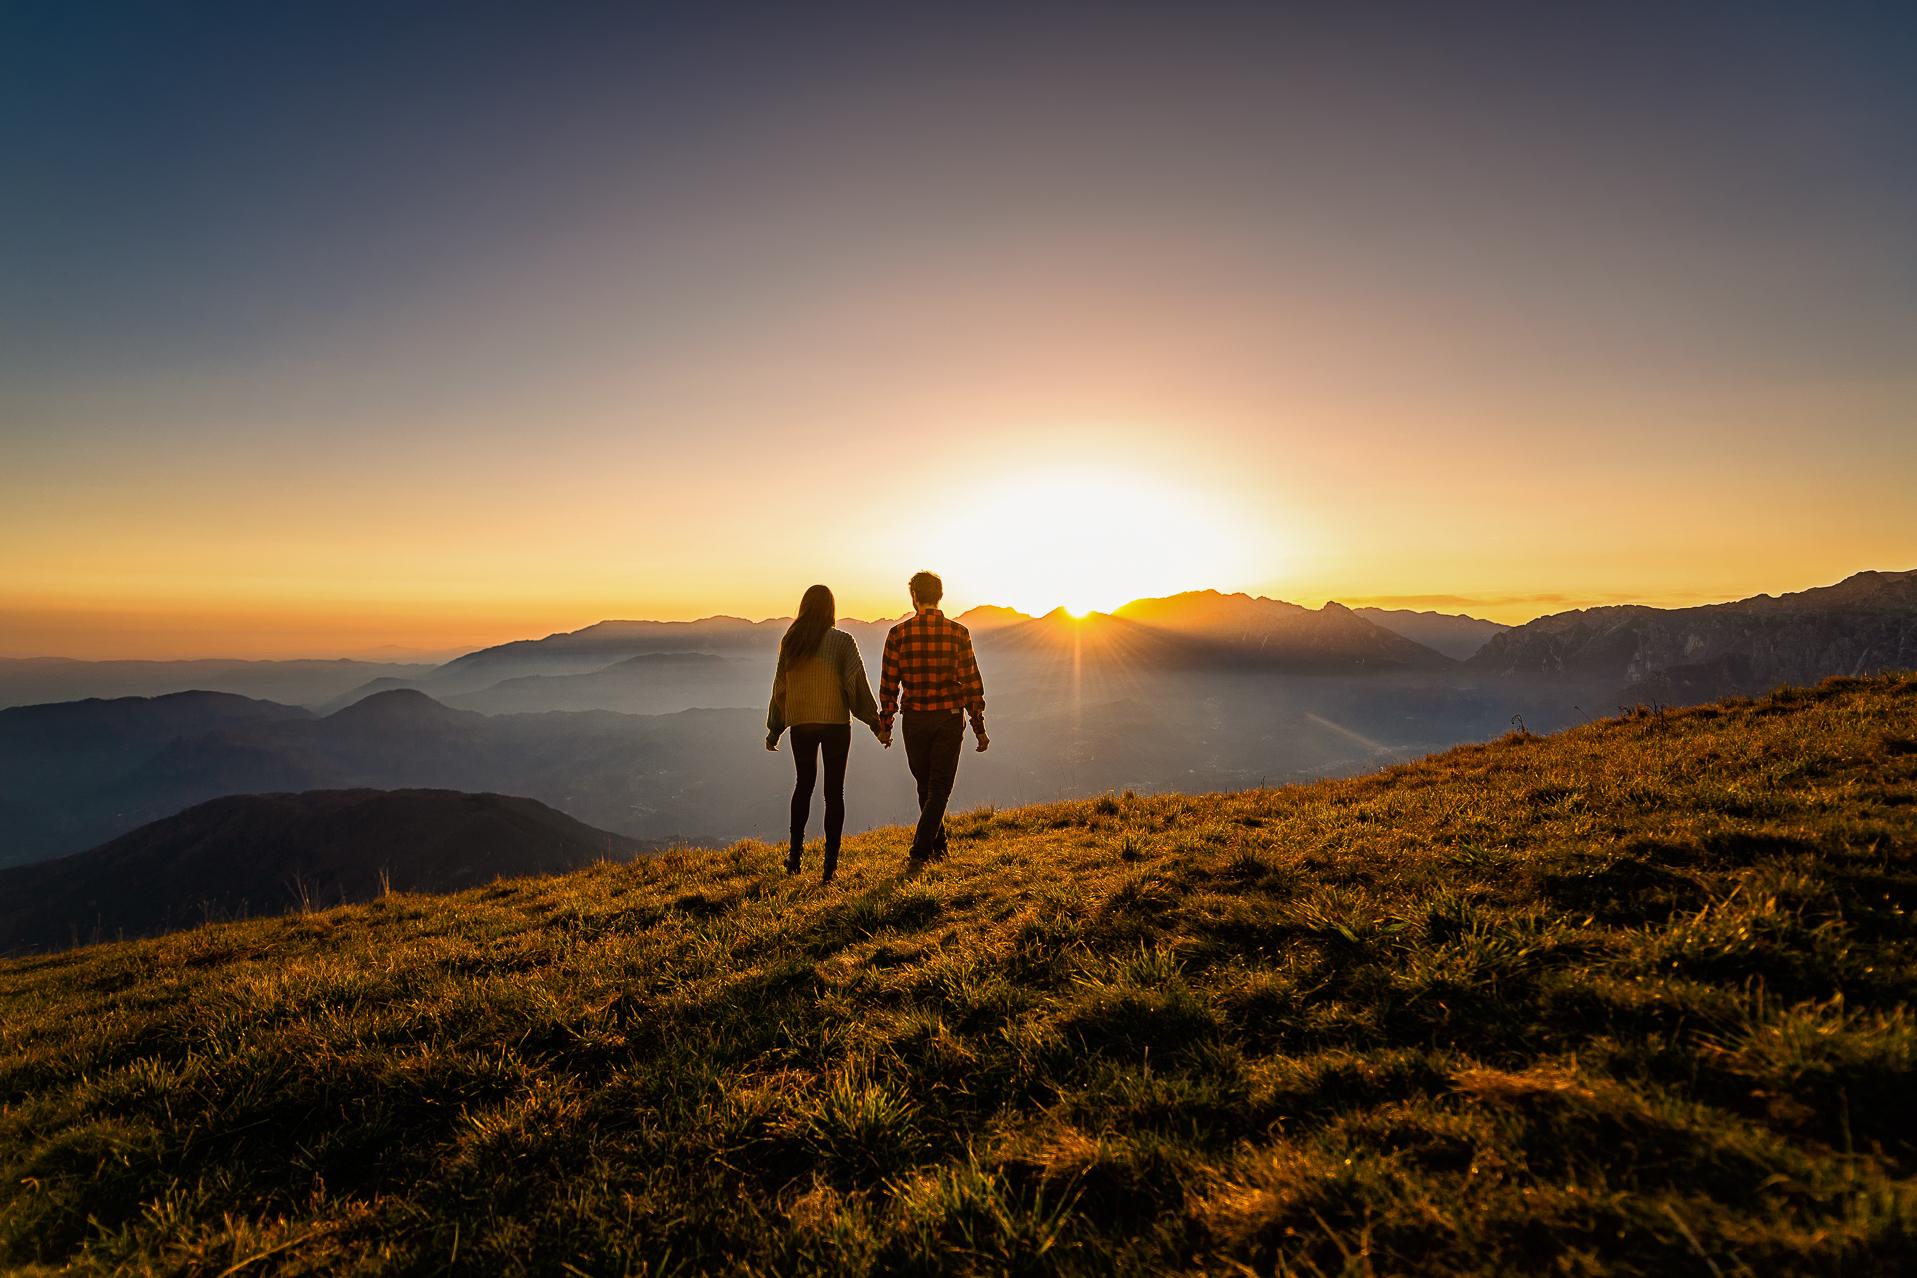 servizio fotografico coppia - innamorati a mano al tramonto